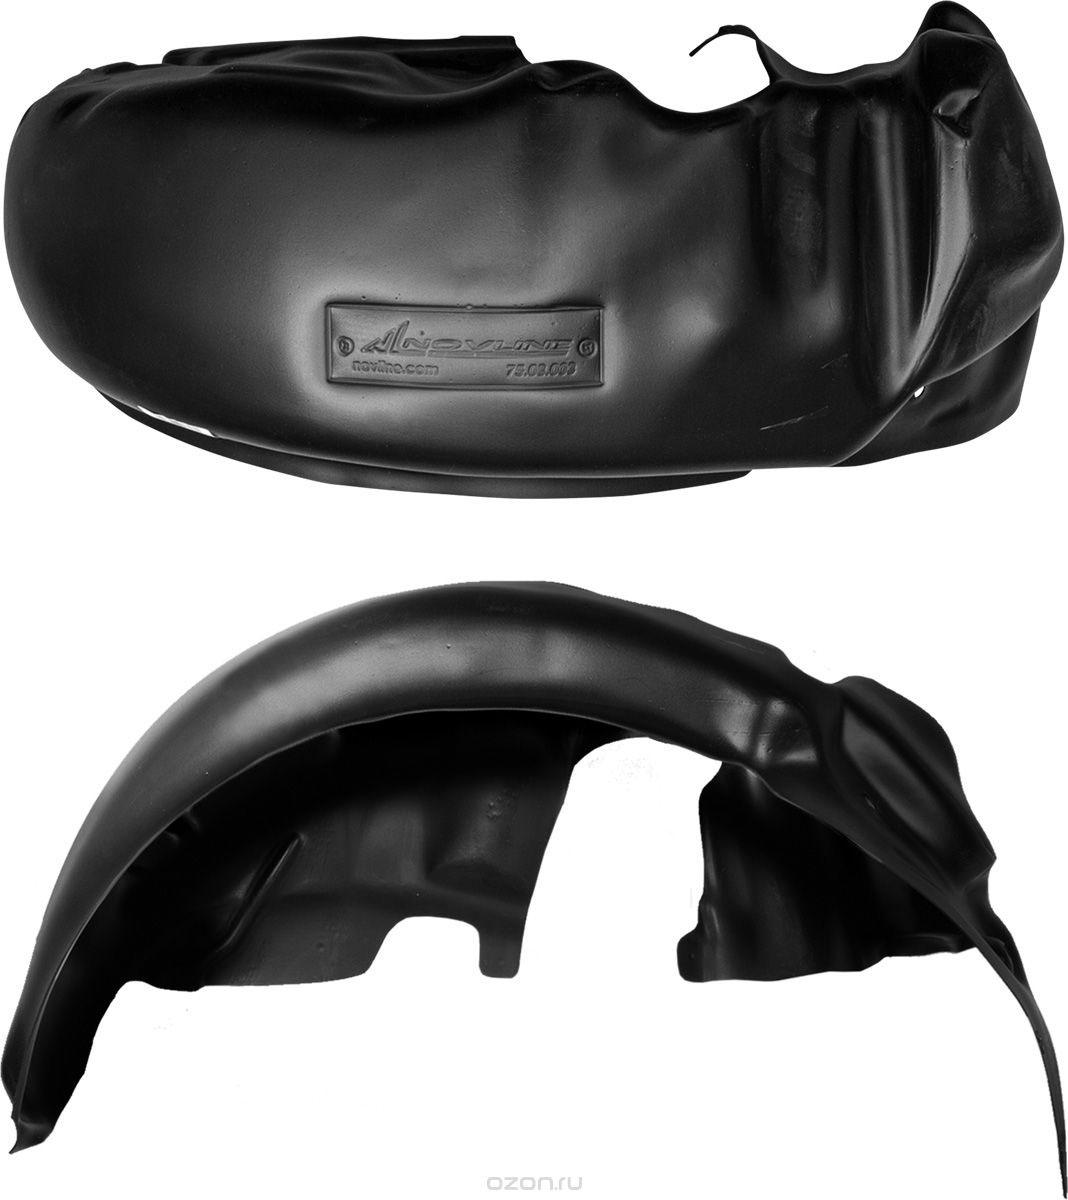 Подкрылок Novline-Autofamily, для НИВА 4*4 2009->, задний левыйDW90Идеальная защита колесной ниши. Локеры разработаны с применением цифровых технологий, гарантируют максимальную повторяемость поверхности арки. Изделия устанавливаются без нарушения лакокрасочного покрытия автомобиля, каждый подкрылок комплектуется крепежом. Уважаемые клиенты, обращаем ваше внимание, что фотографии на подкрылки универсальные и не отражают реальную форму изделия. При этом само изделие идет точно под размер указанного автомобиля.